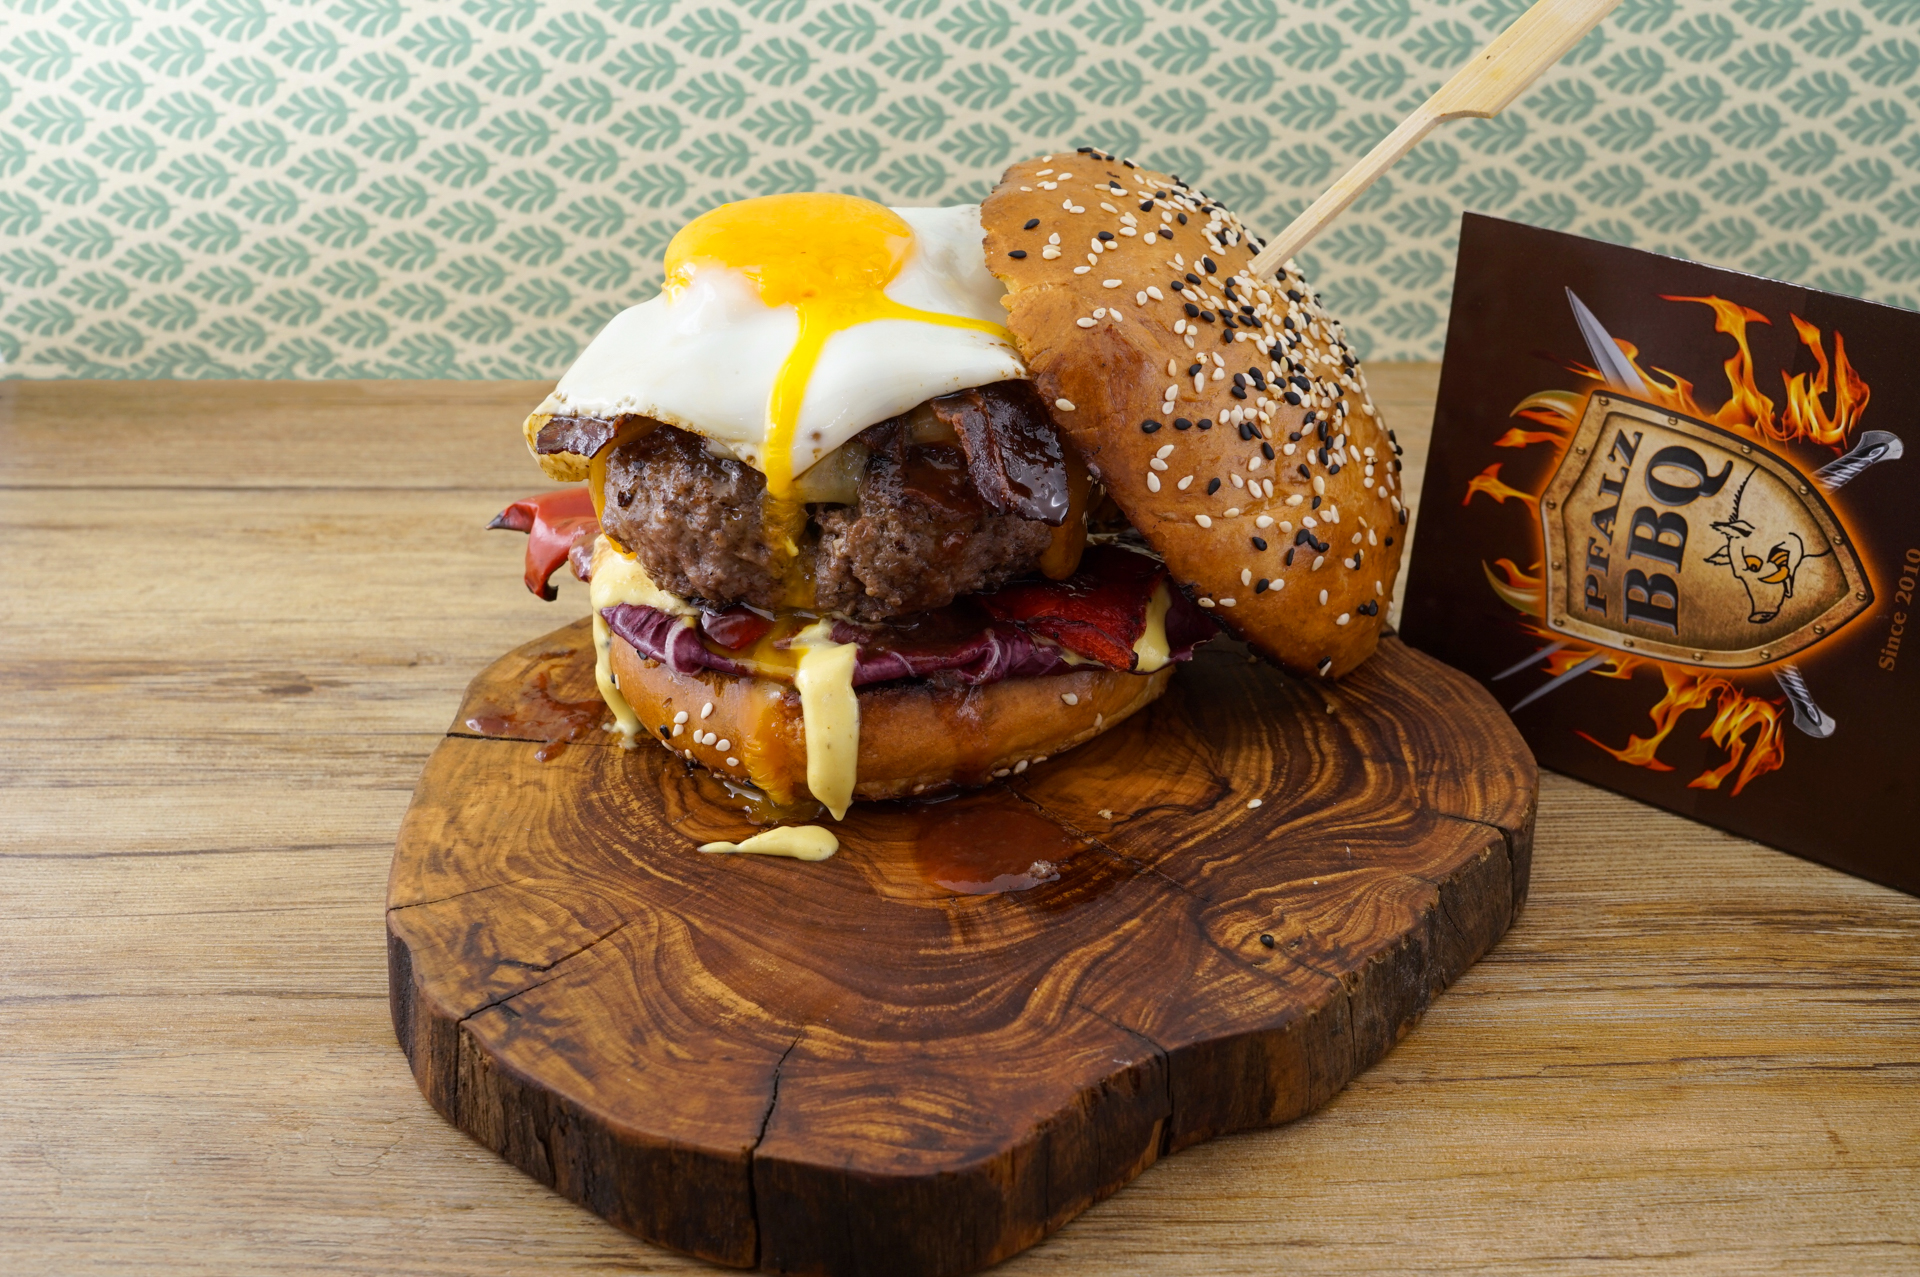 Teilnehmer Burger des Steak Cookoff Association-Wettbewerbs